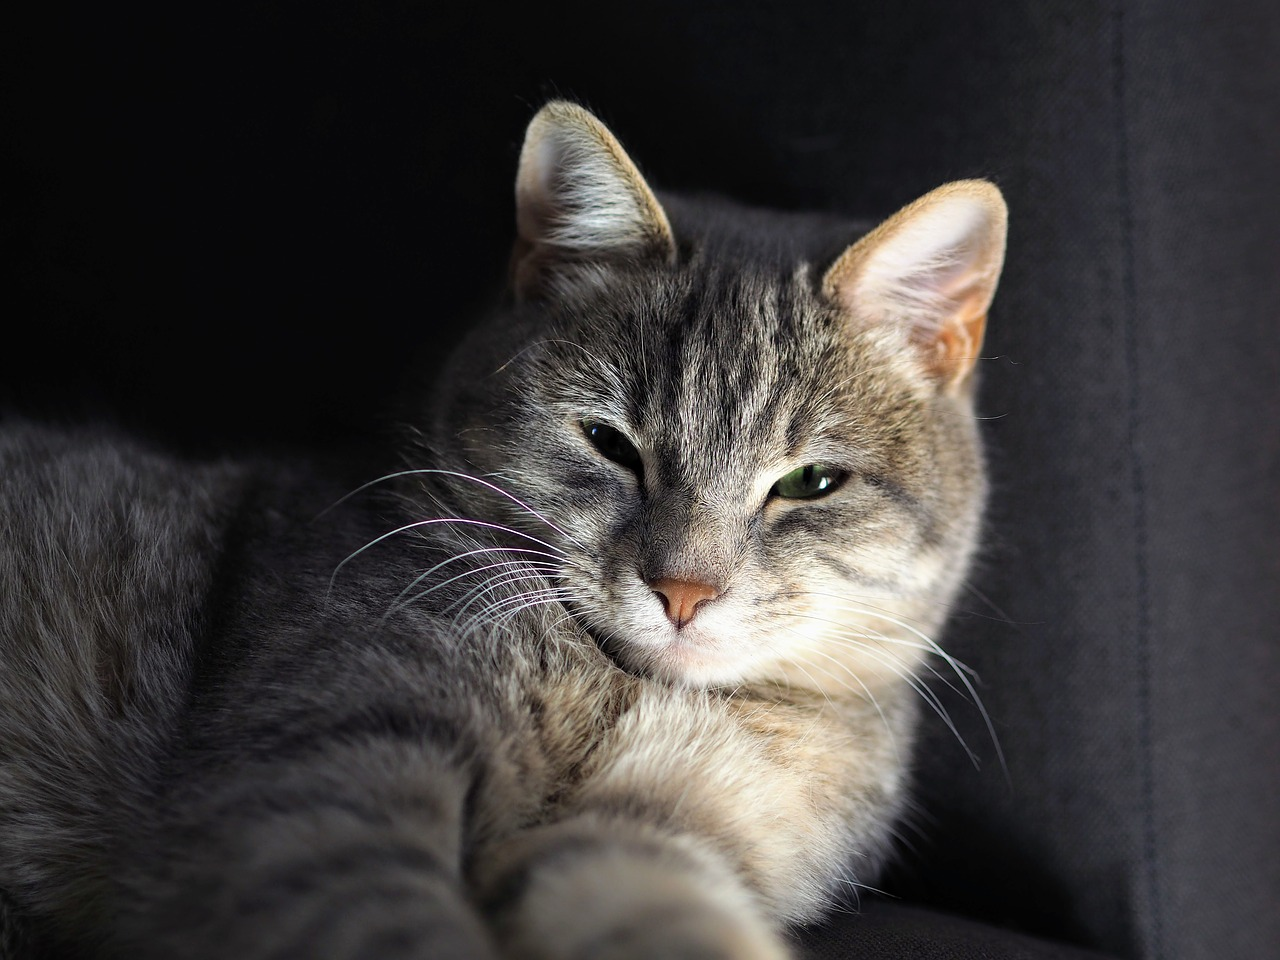 chat gris s'étire